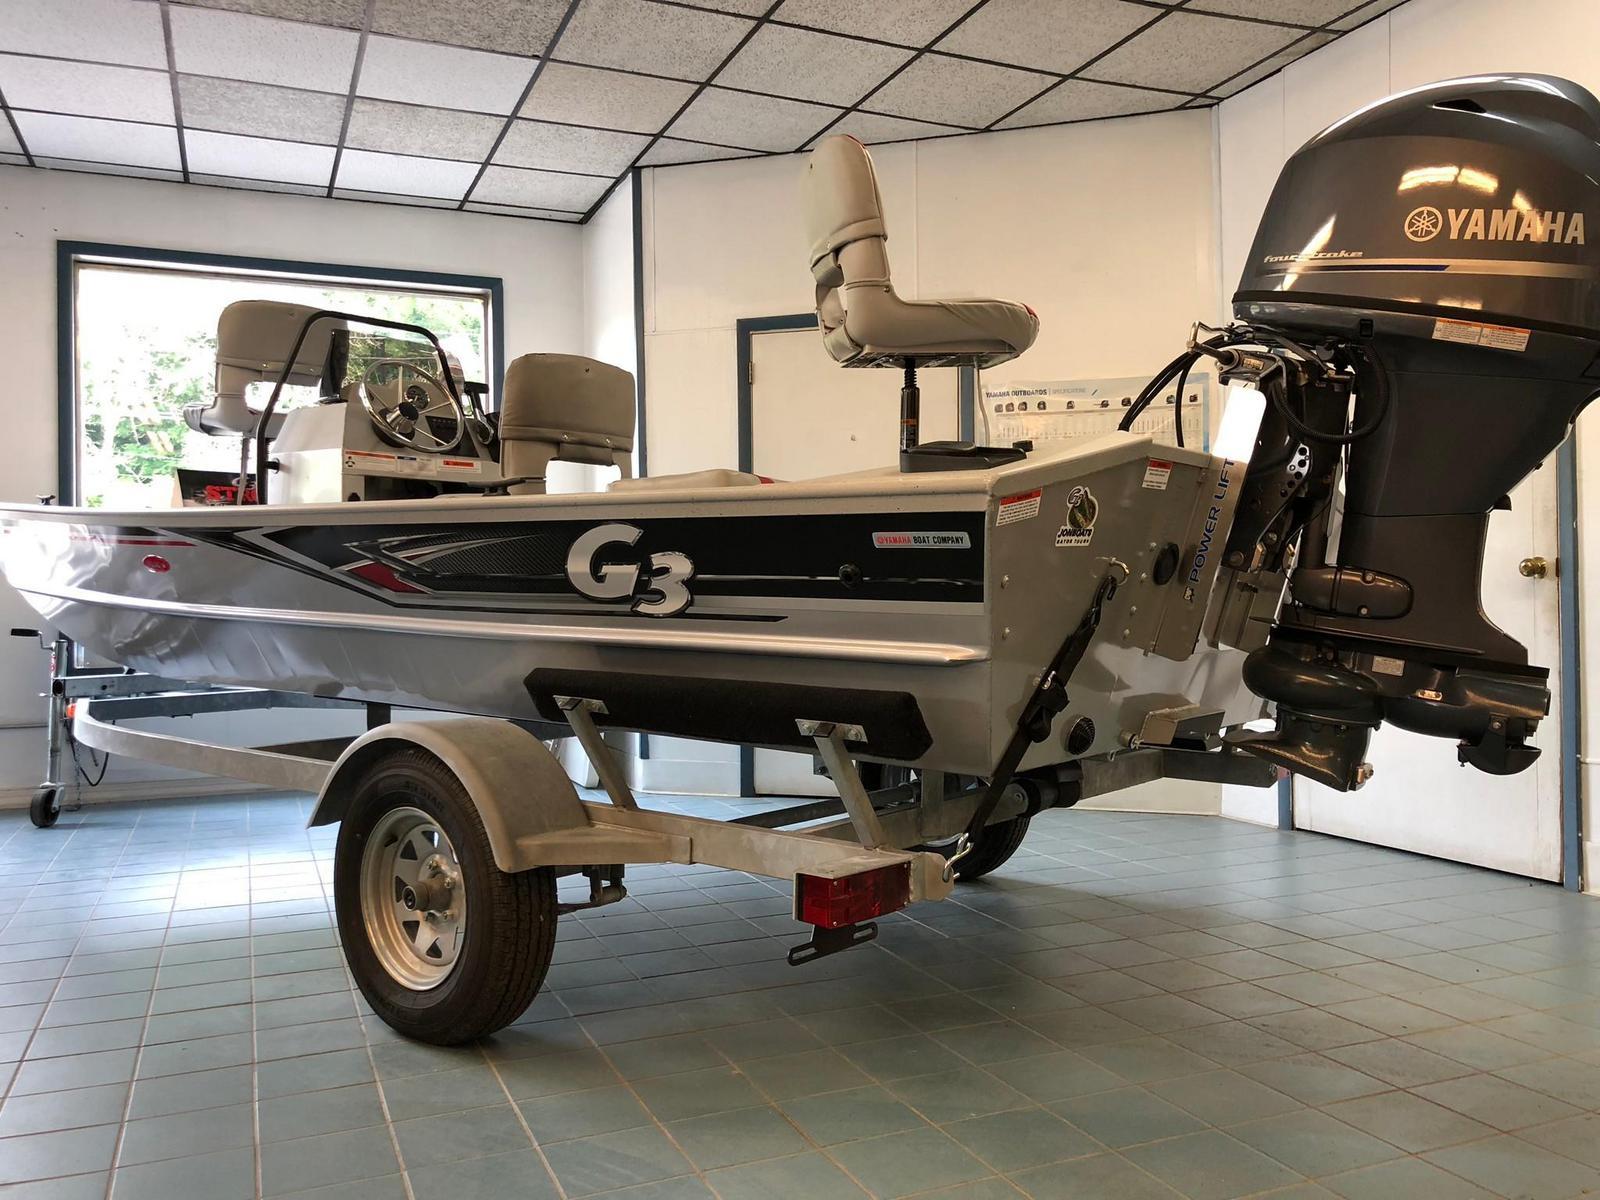 G3 Gator Tough 16 CCJ DLX